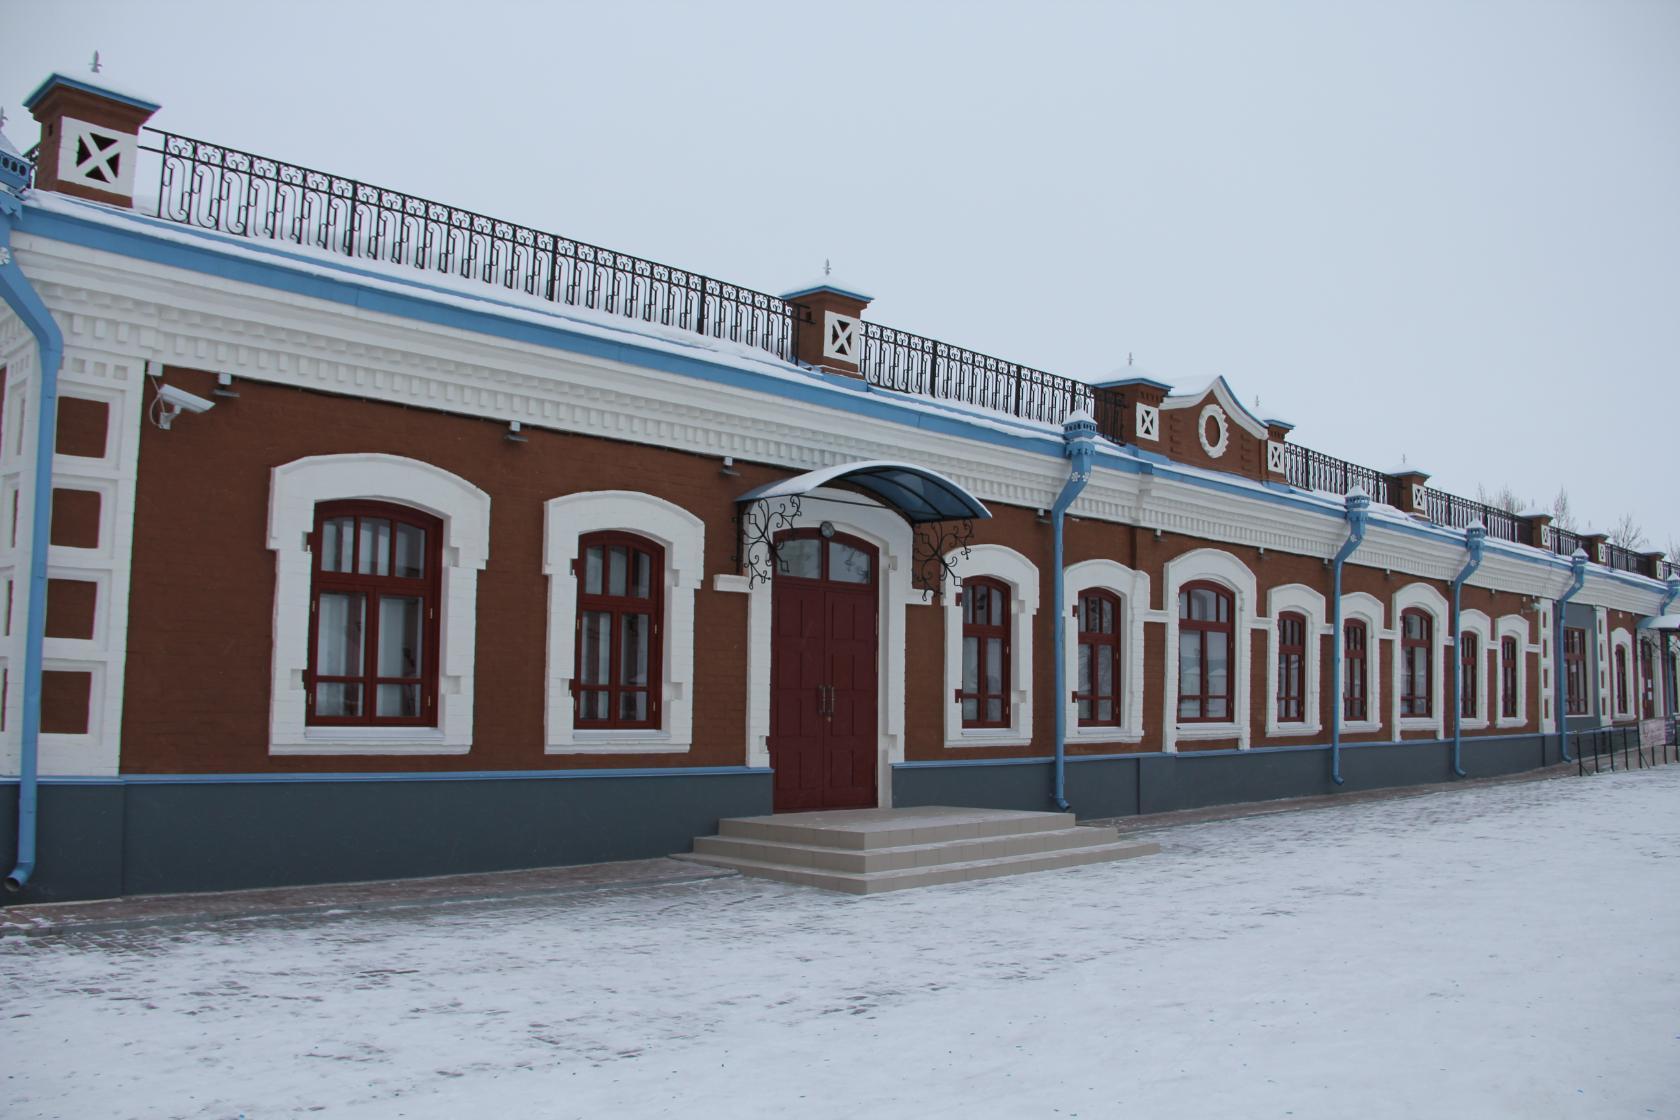 Малые города 2020: Ялуторовск — интеративная карта достопримечательностей